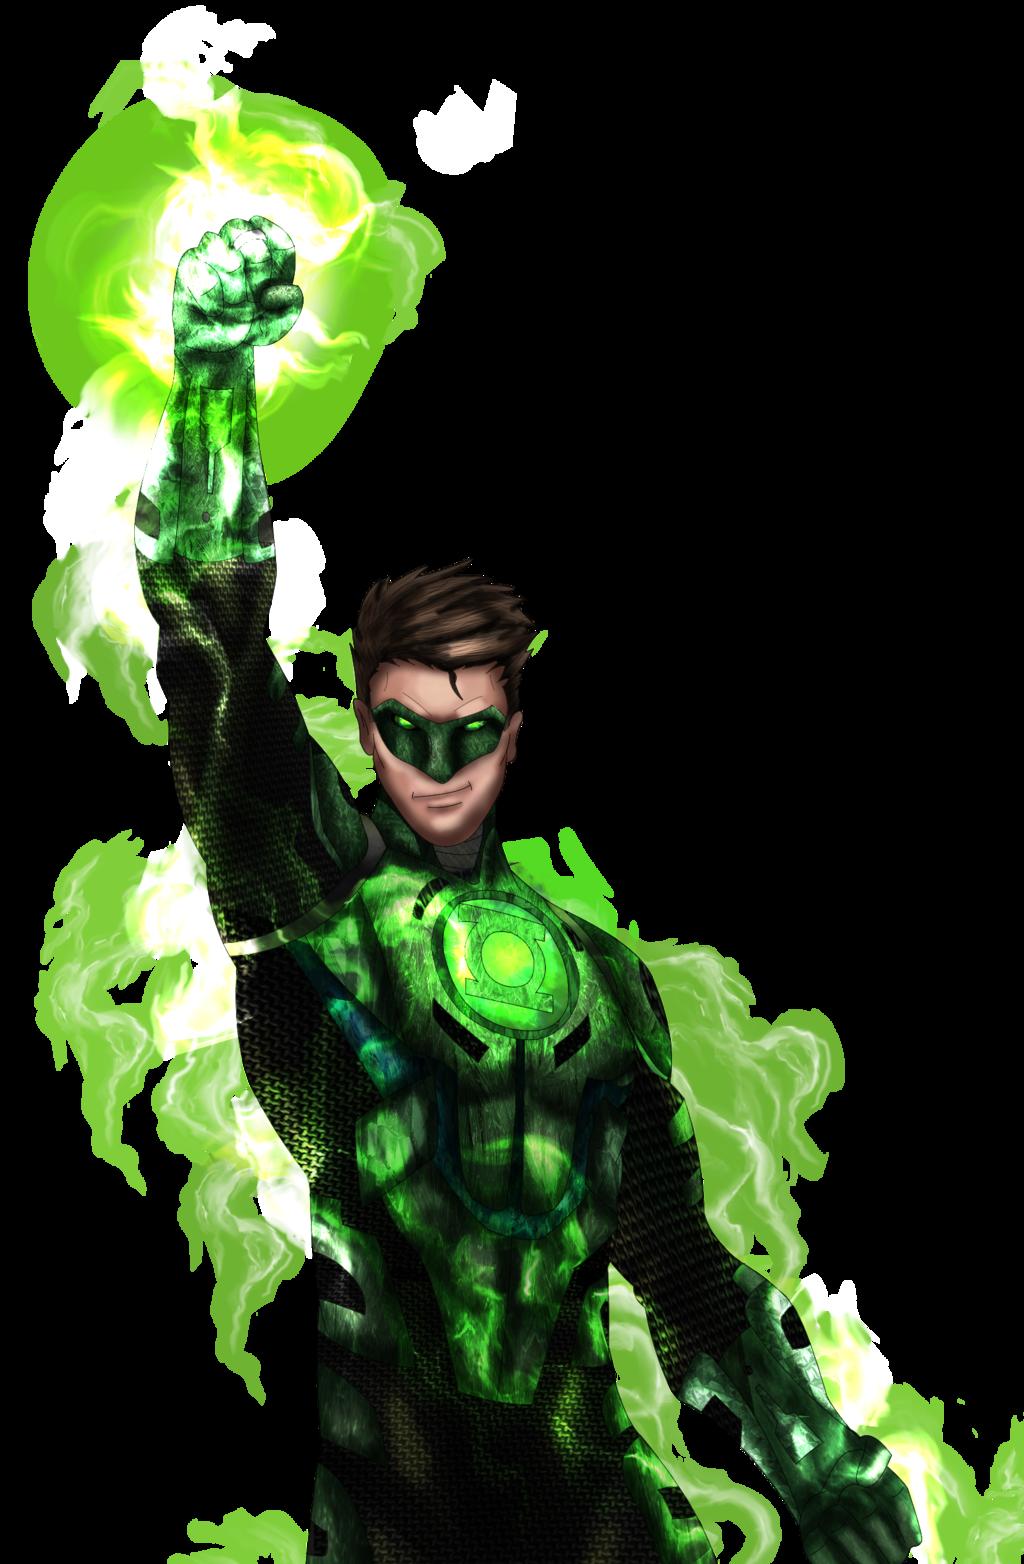 Green Lantern By Gabriel Alvarez Green Lantern Comics Green Lantern Green Lantern Hal Jordan